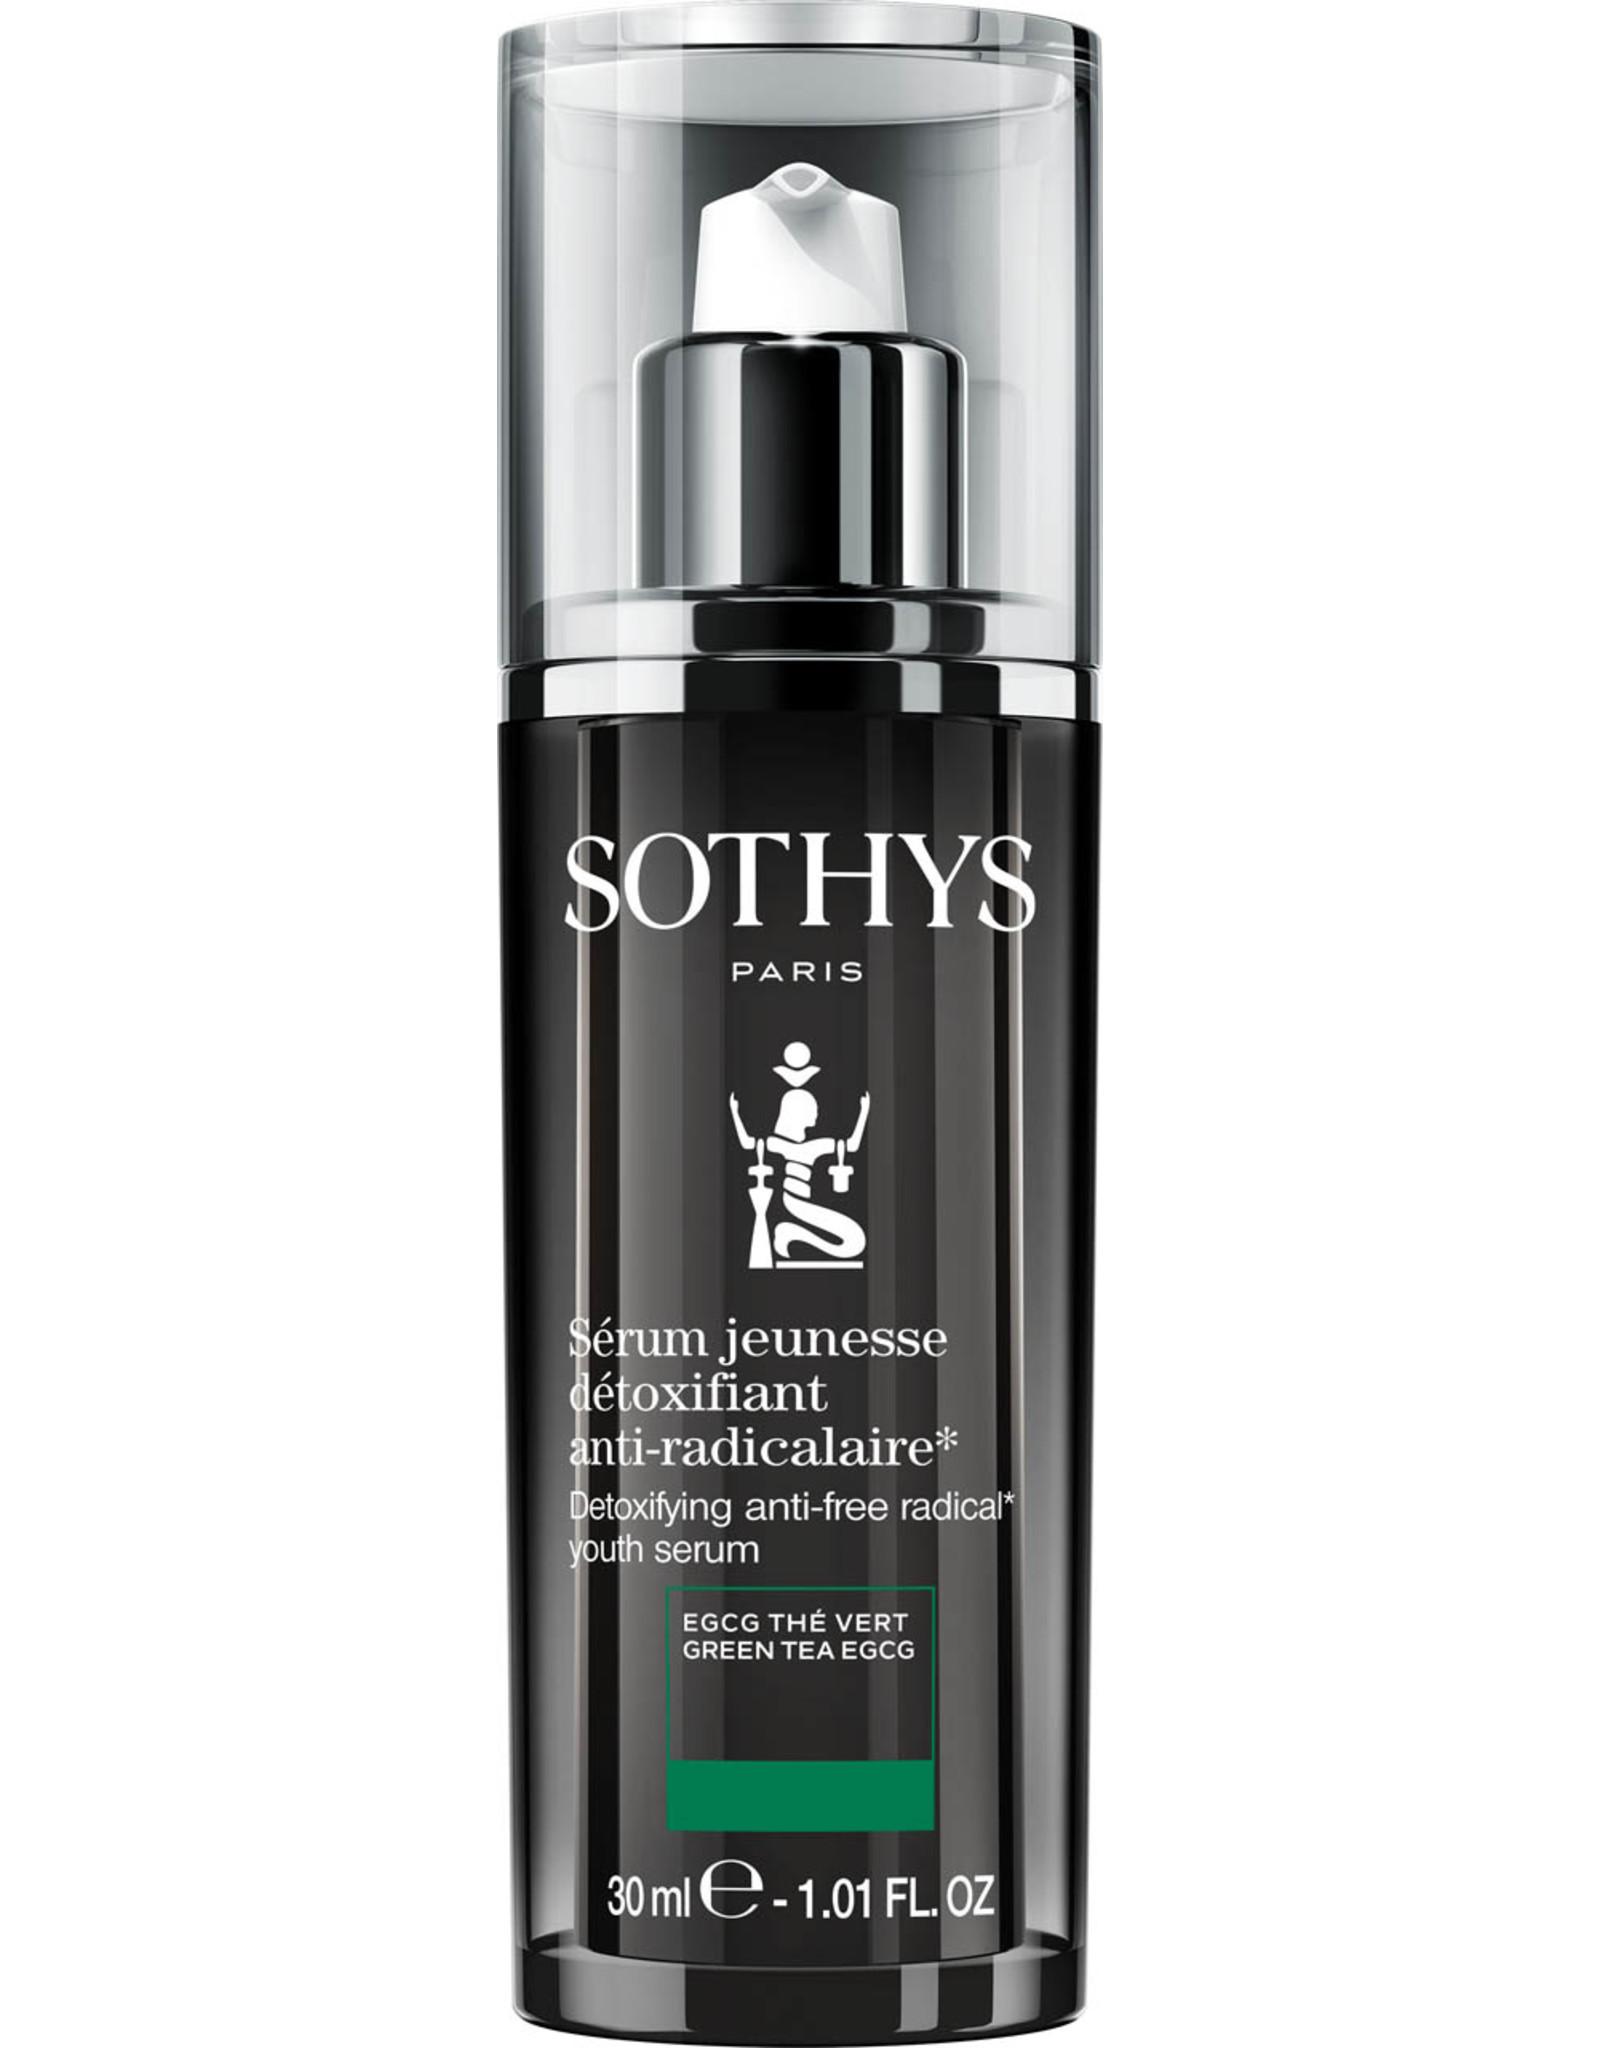 SOTHYS -20% Sérum jeunesse détoxifiant -  Sothys